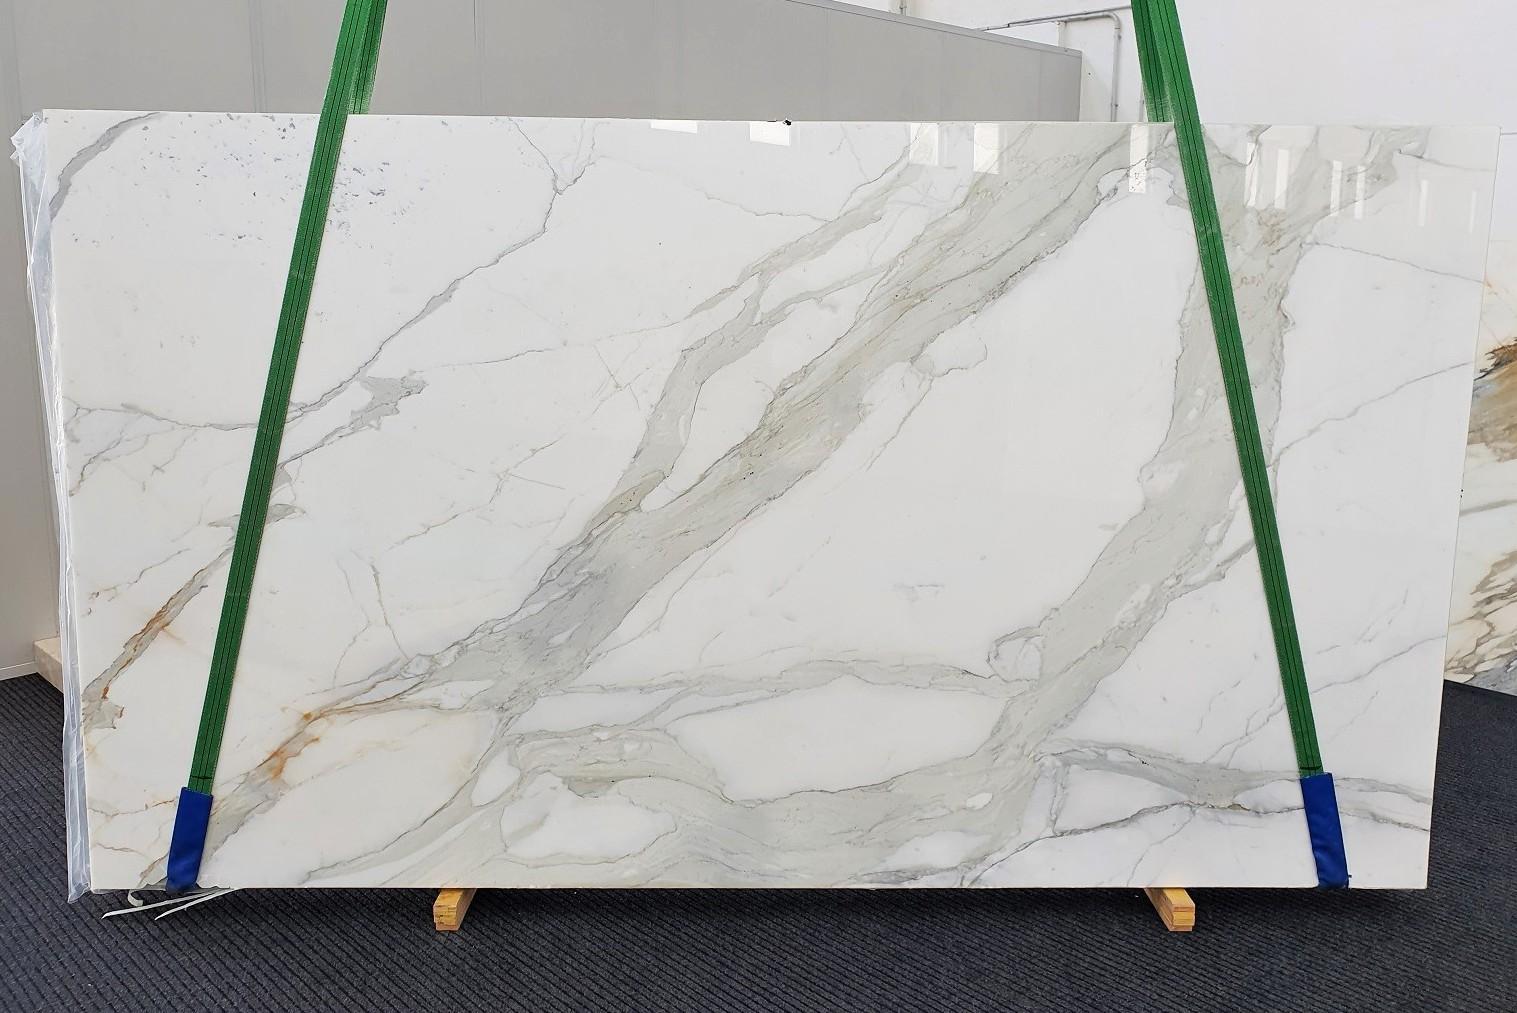 CALACATTA ORO EXTRA Suministro Veneto (Italia) de planchas pulidas en mármol natural 1366 , Slab #27